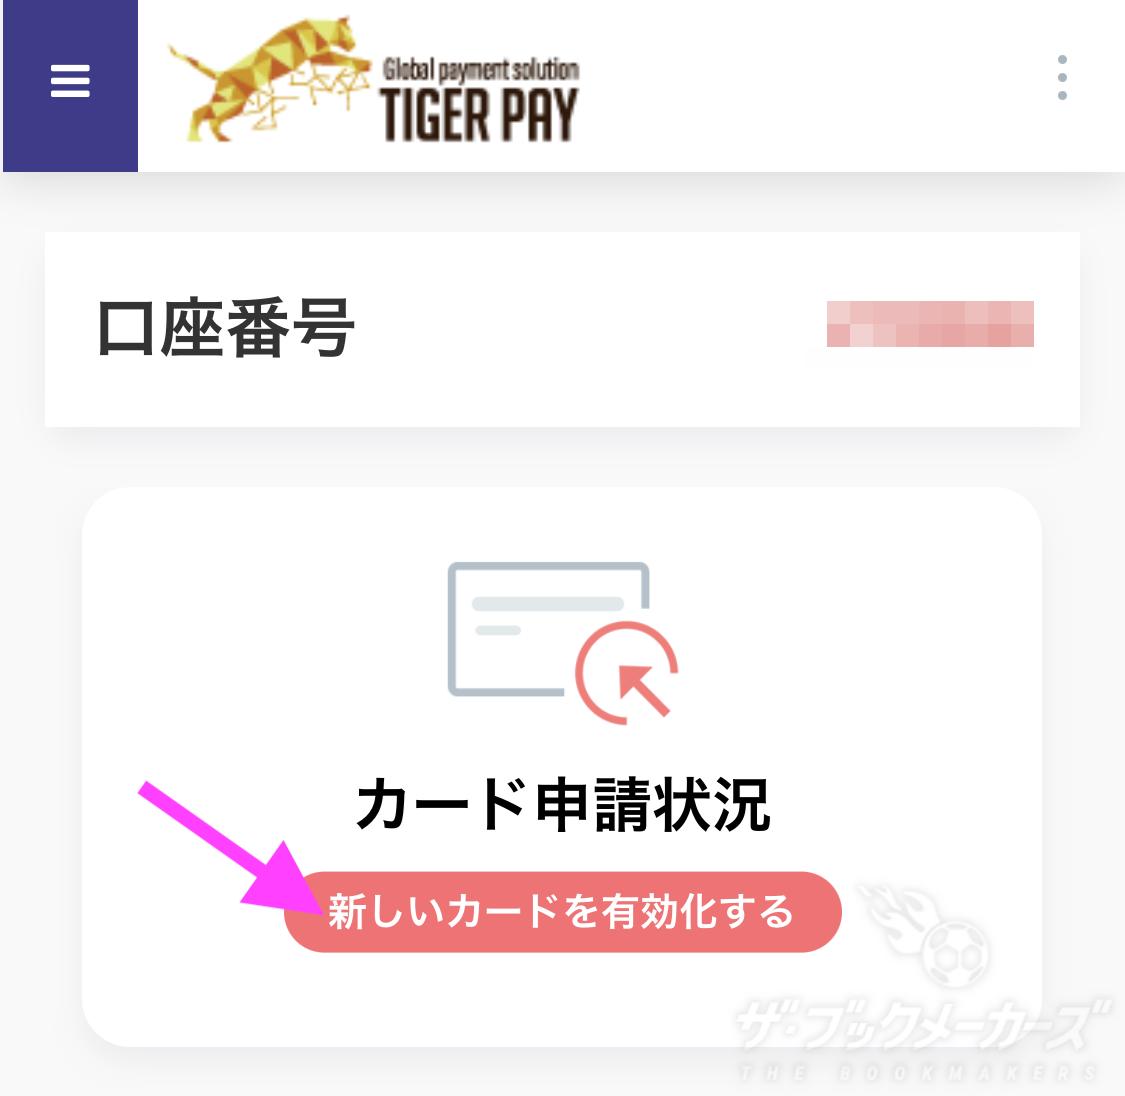 タイガーペイカード発行